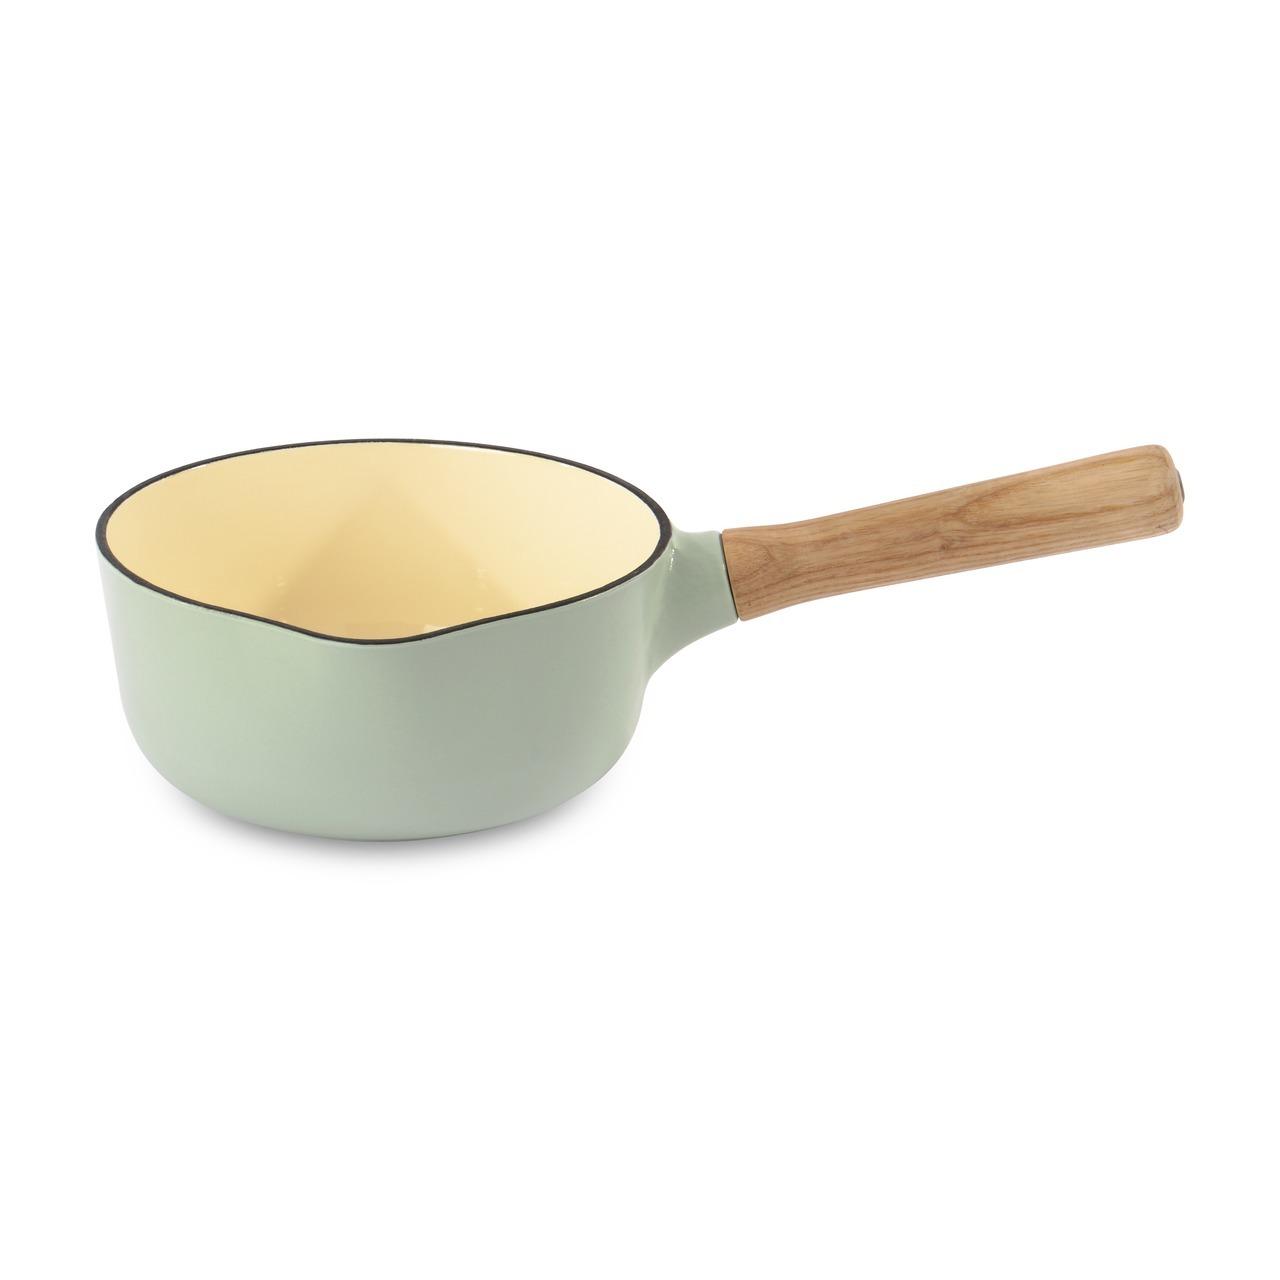 Ковш чугунный 18см 1,7л BergHOFF Ron (зеленый) 3900042Ковши<br>Ковш чугунный 18см 1,7л BergHOFF Ron (зеленый) 3900042<br><br>Для всех типов блюд в маленьких порциях и гарниров, идеален для соусов. Чугун великолепно сохраняет тепло: это идеальный выбор для тушения и томления жаркого в духовом шкафу или на плите.<br>Ручка из ясеневой древесины имеет удобную форму и приятную для прикосновения поверхность.<br>Отмеченная наградами коллекция Ron предлагает на выбор 4 впечатляющих стиля для воплощения множества кулинарных приемов. В дополнение к своей универсальности по принципу смешивай и сочетай, линия Ron выполнена в стилистическом единстве: штатный дизайнер BergHOFF Питер Рукс с любовью создавал каждый предмет, используя как сочетающиеся, так и контрастирующие цвета и материалы.<br>